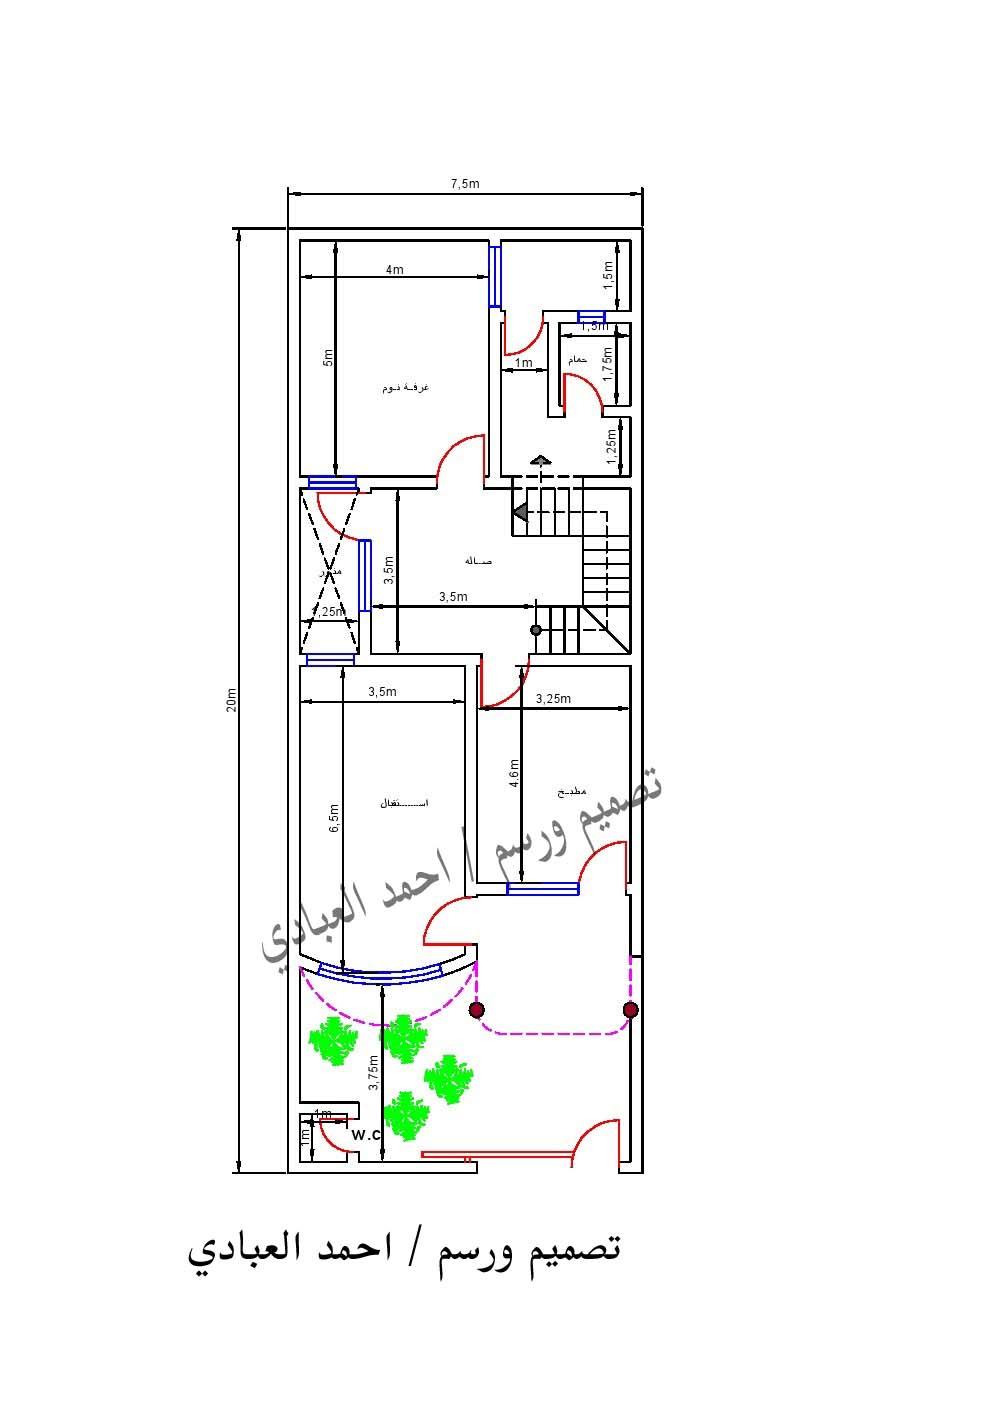 خريطة منزل صغير 150 متر 7 50 20 طابق واحد اقل كلفة